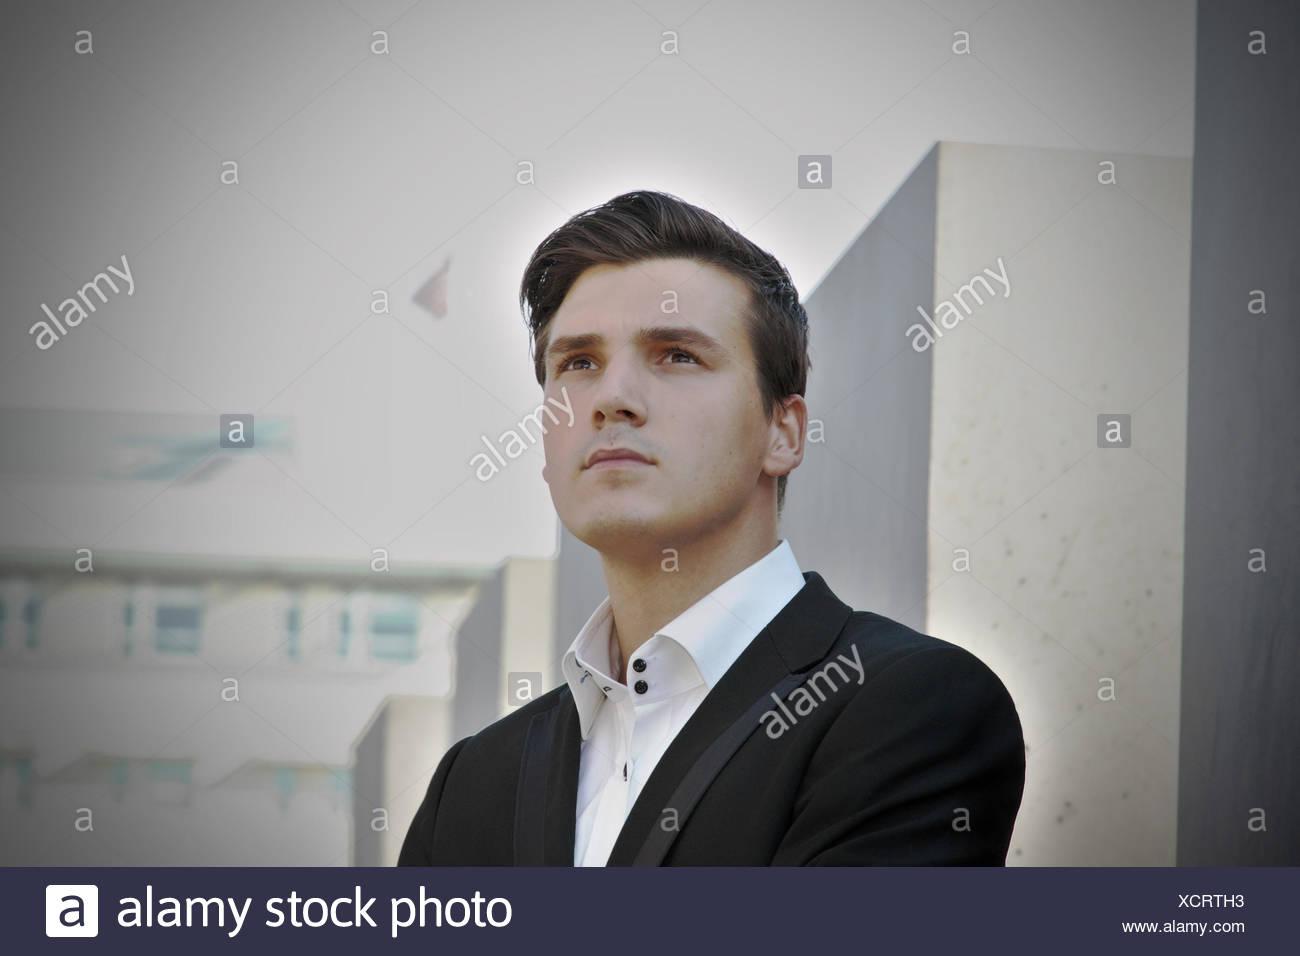 Alemania, Berlín, retrato del joven bien vestido Imagen De Stock